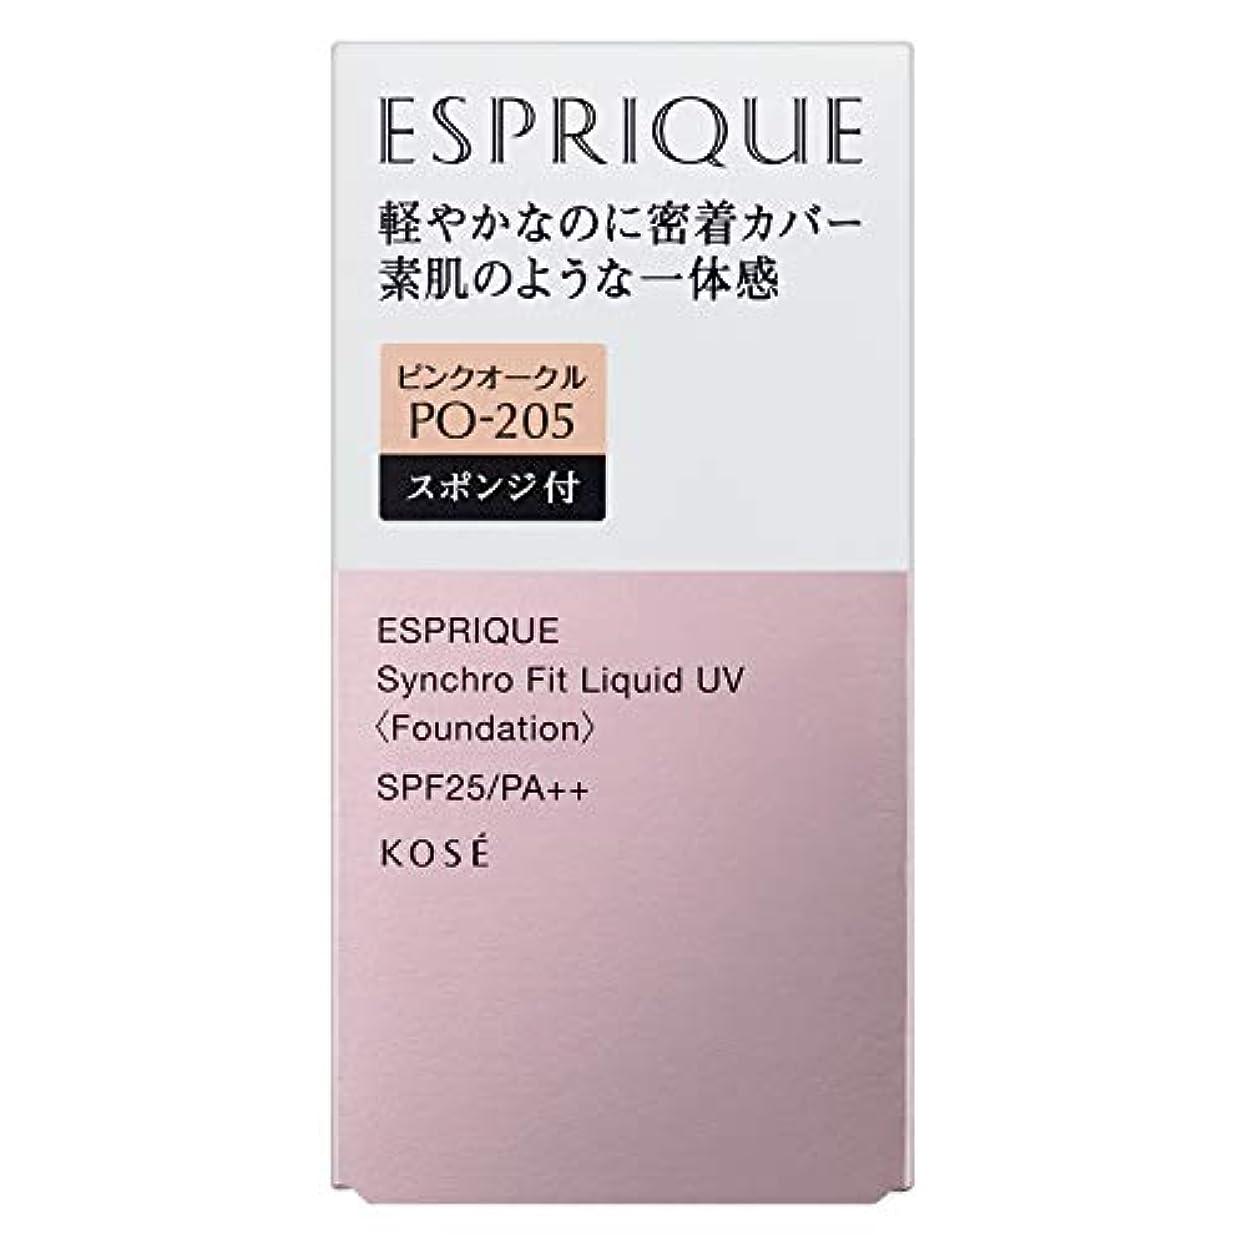 粘り強い影響する項目ESPRIQUE(エスプリーク) エスプリーク シンクロフィット リキッド UV ファンデーション 無香料 PO-205 ピンクオークル 30g